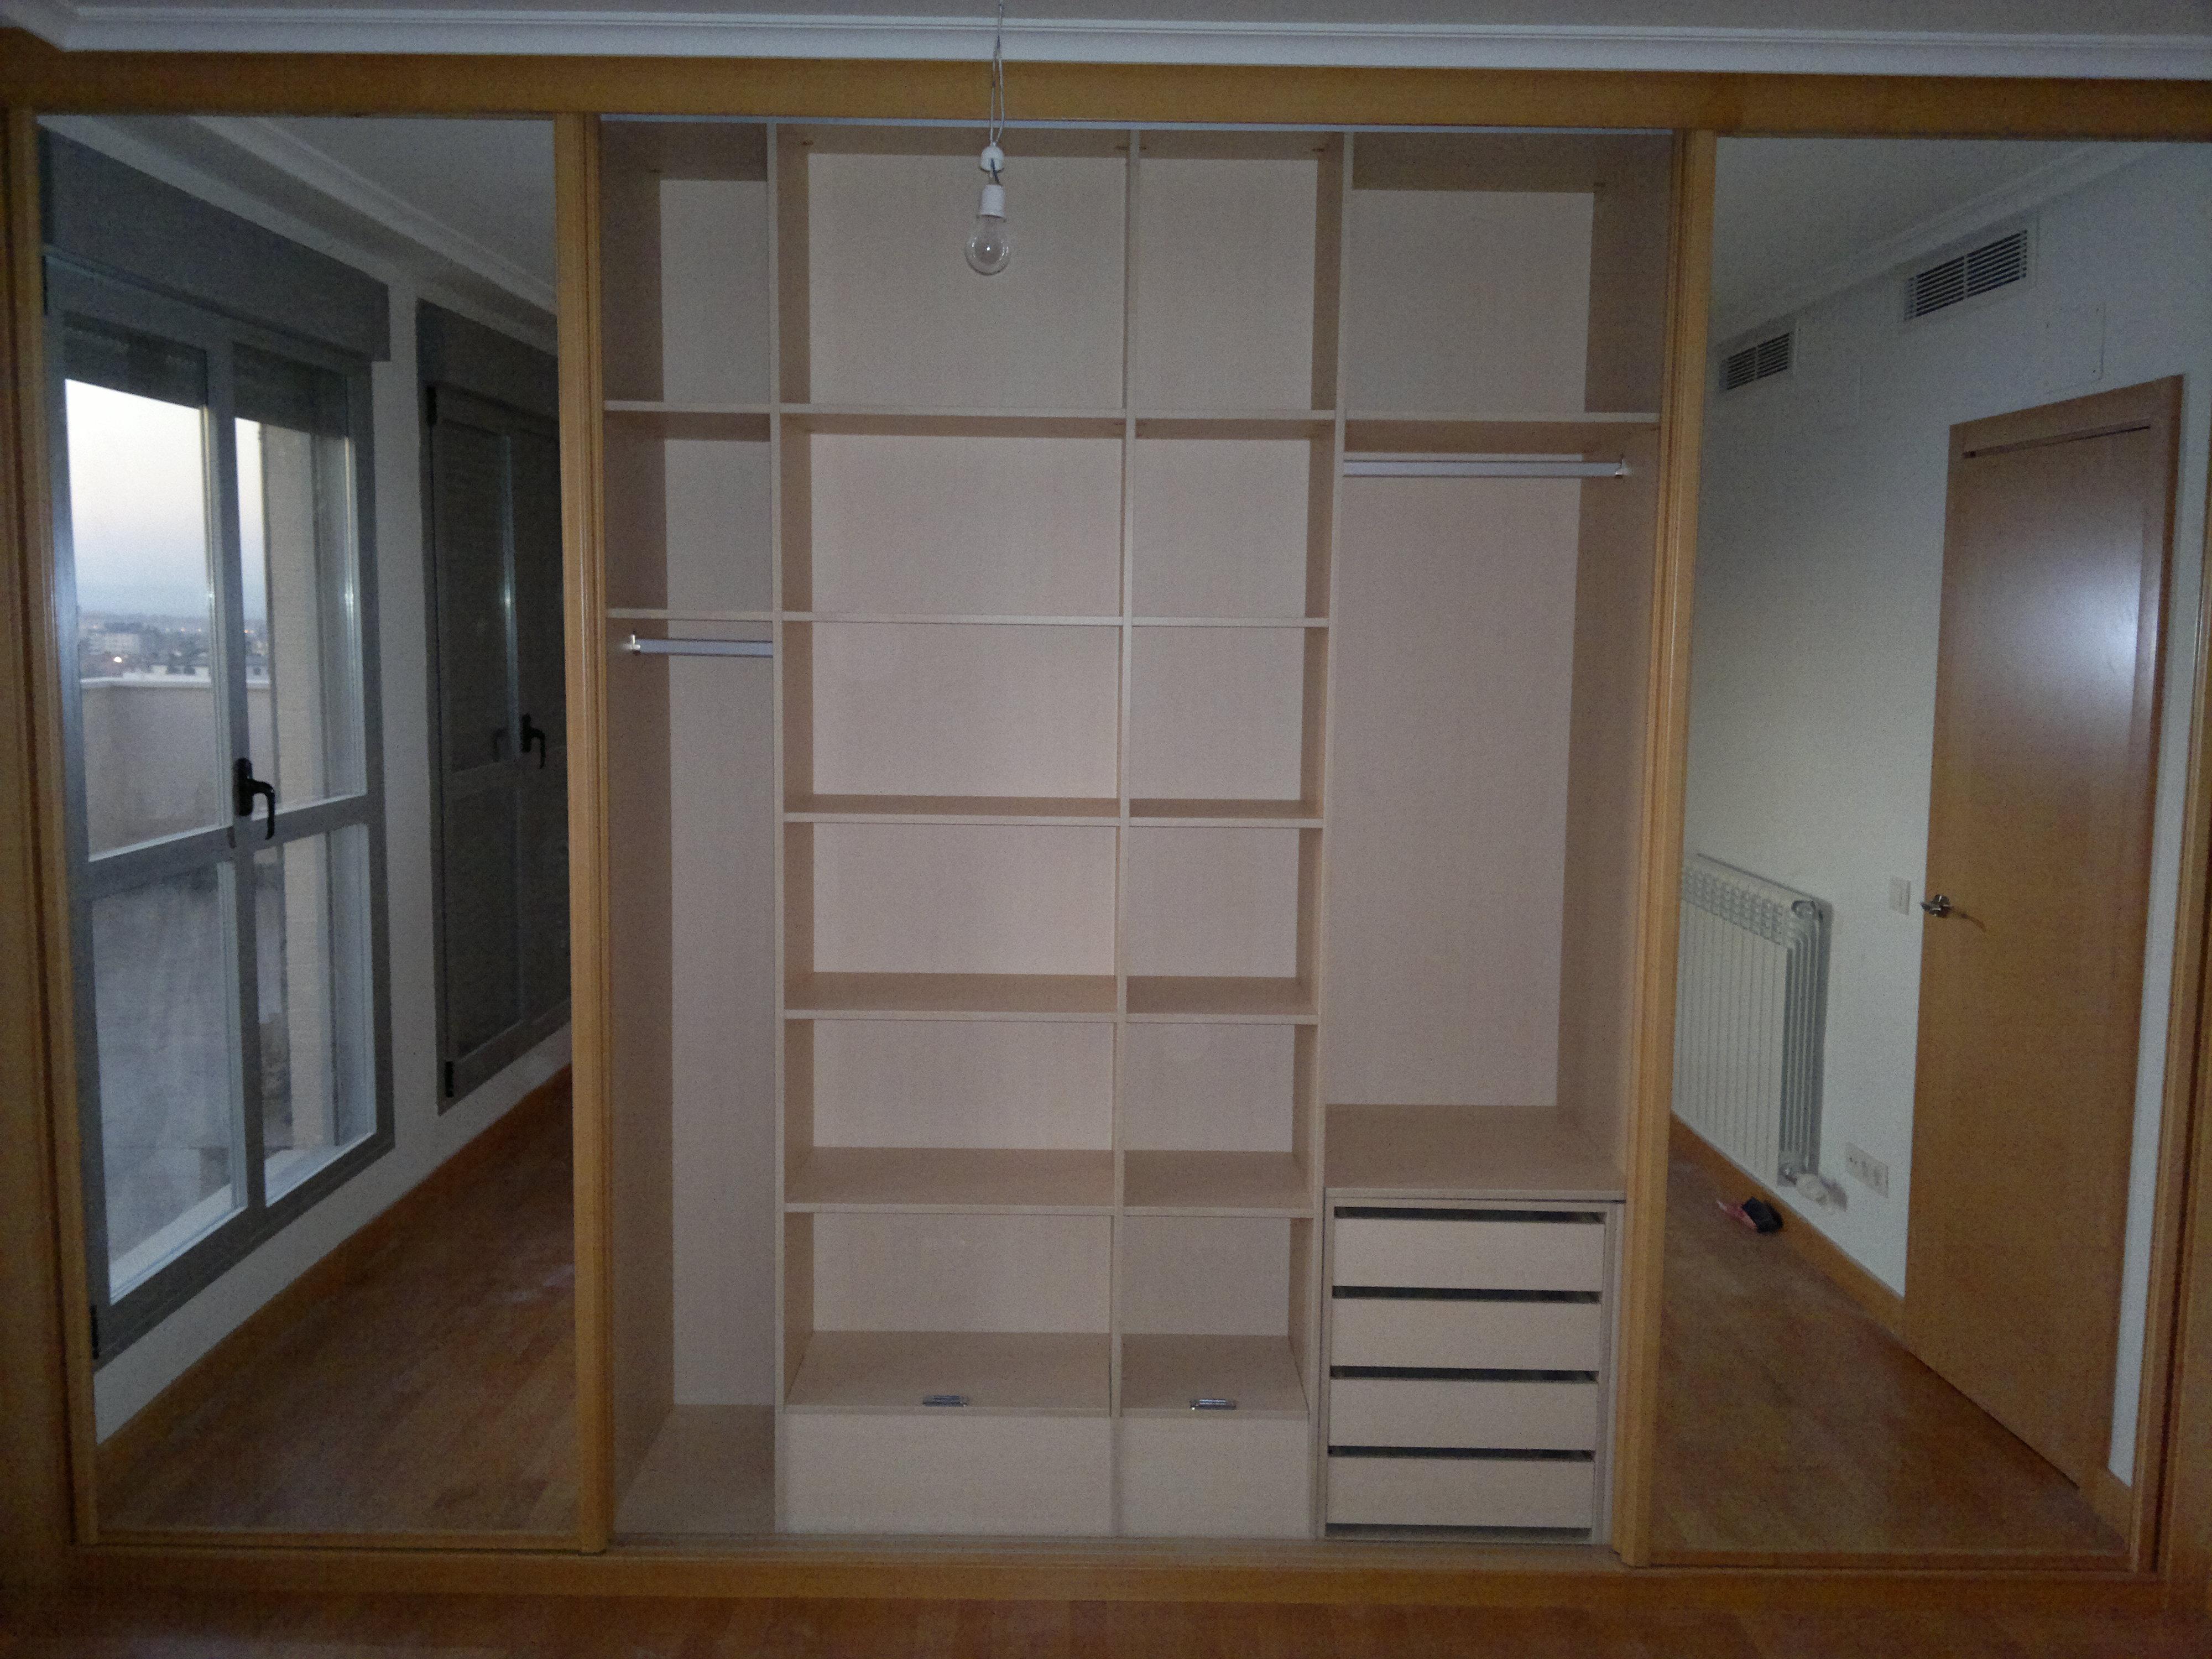 Blog carpinteria bacigalupe carpinter a puertas for Diseno interior armarios empotrados